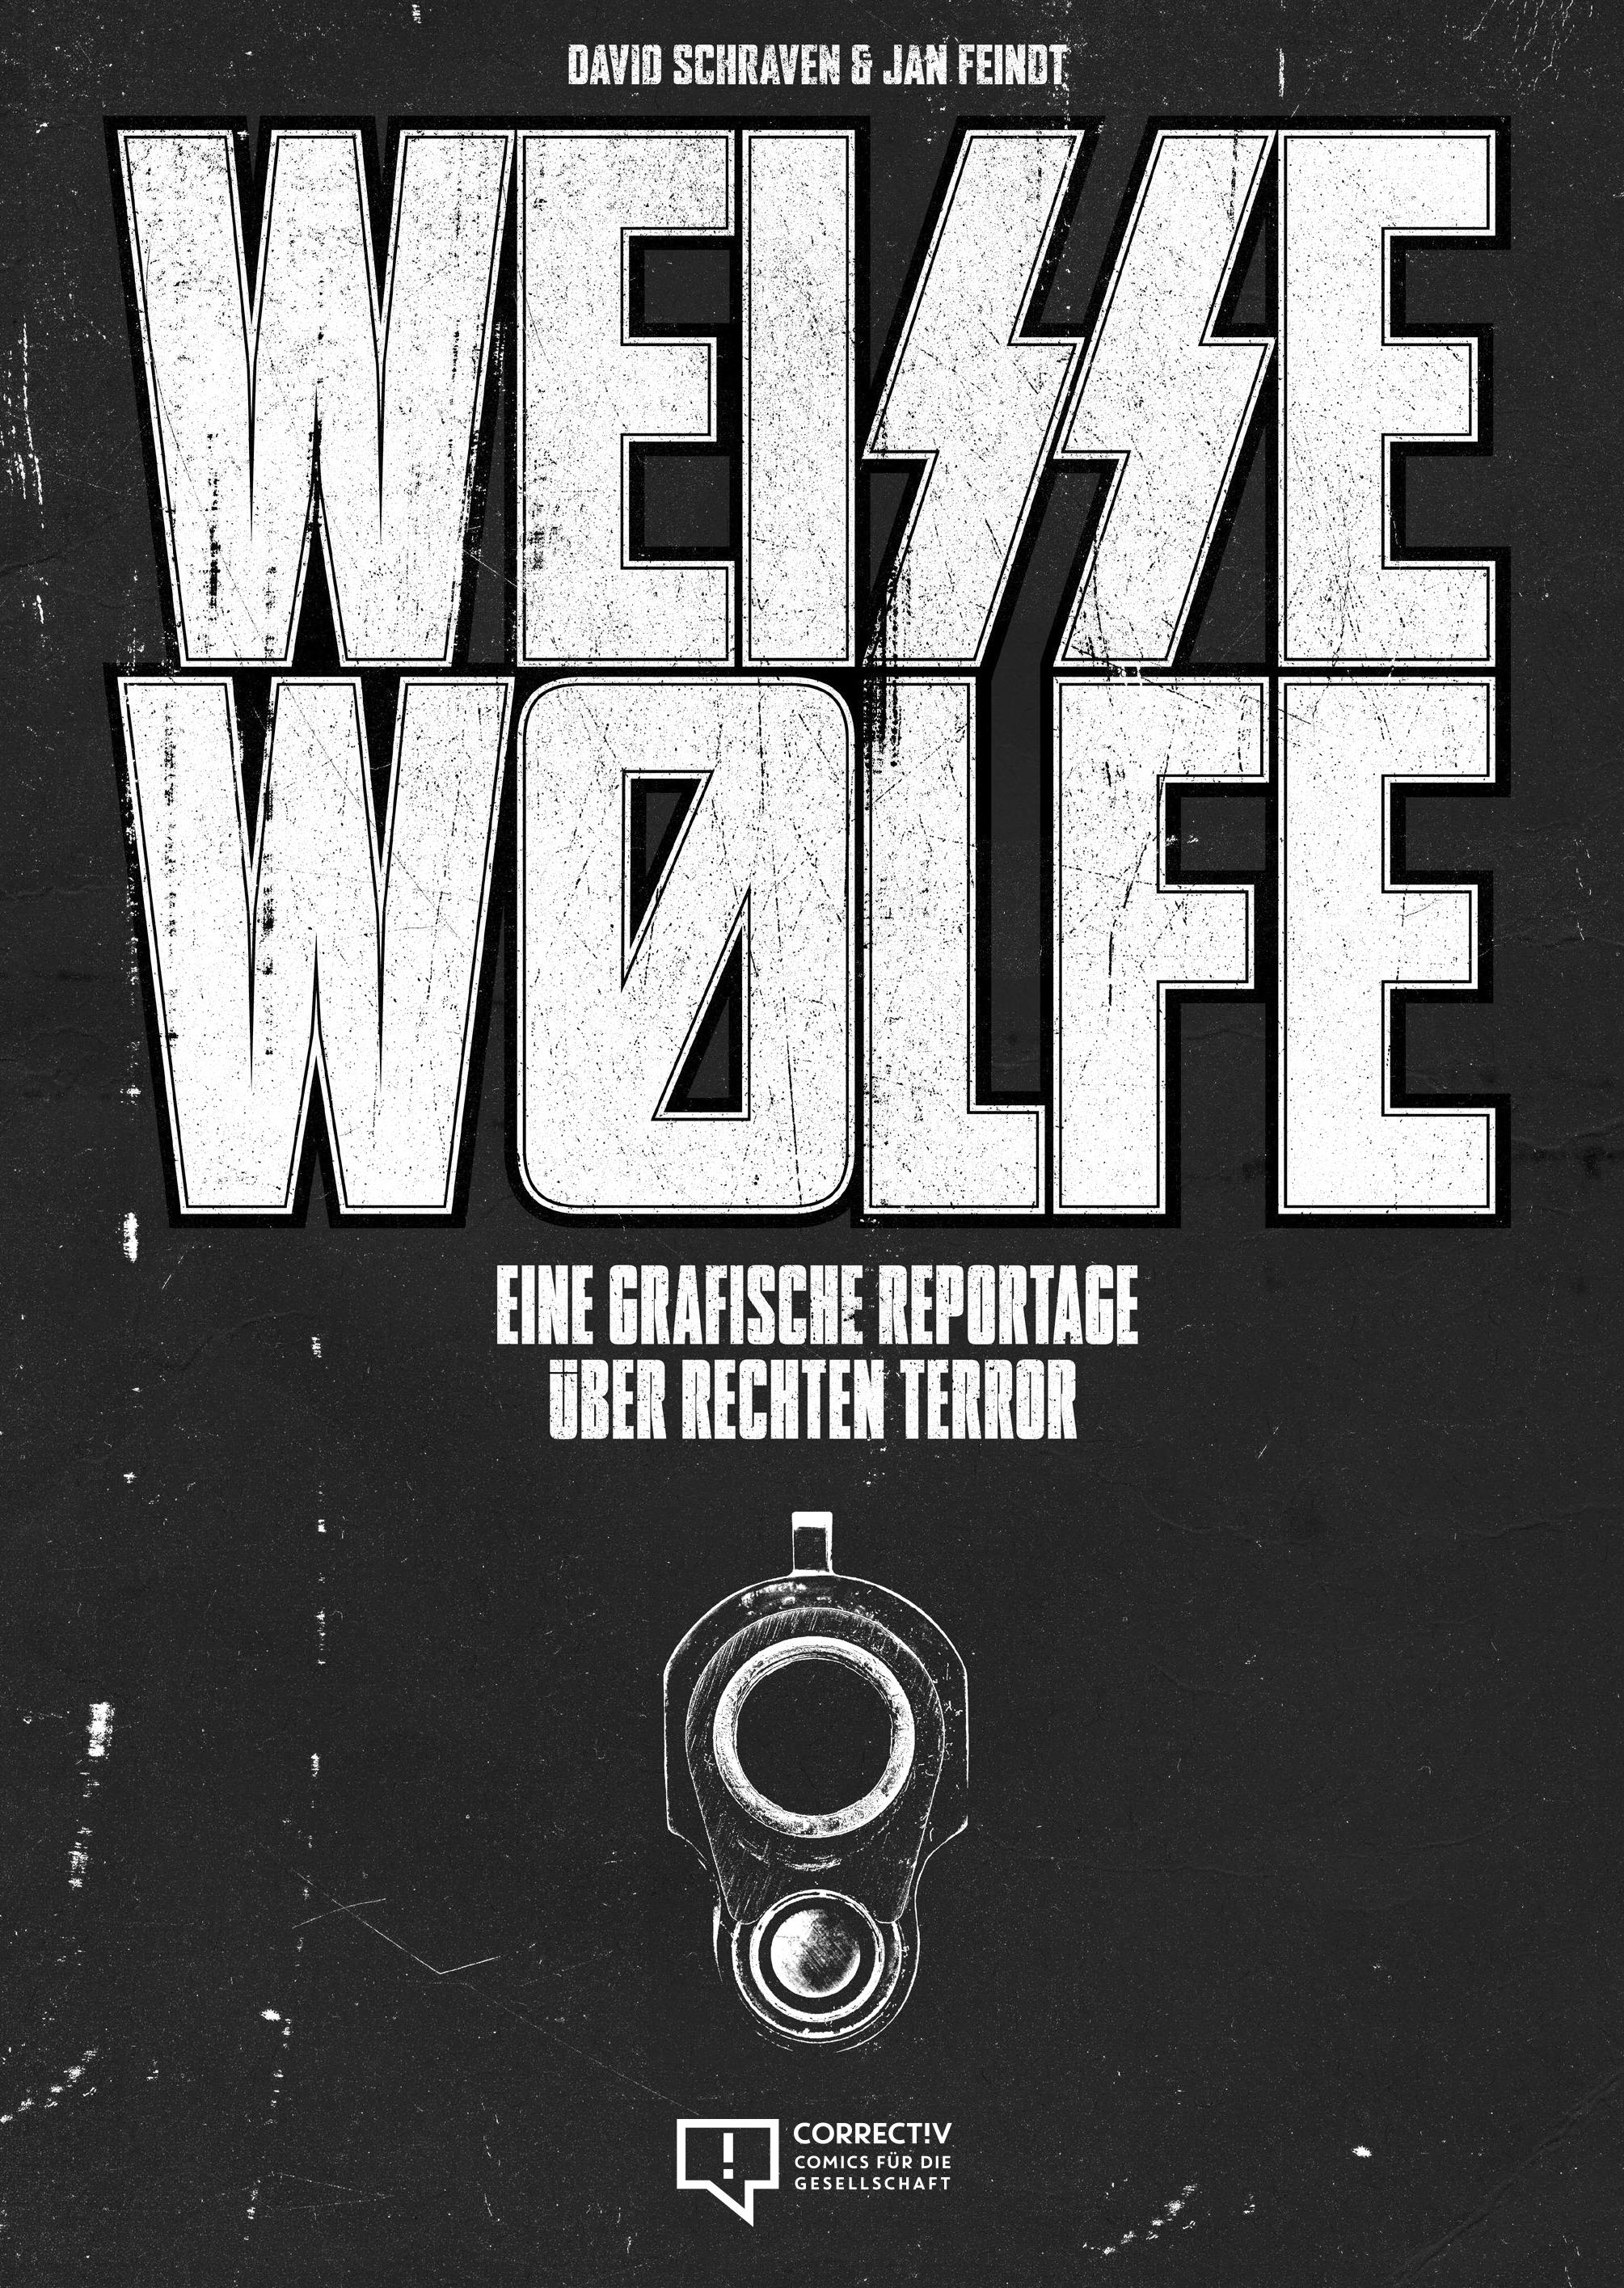 RZ_weisse_woelfe_141215_226_Seiten_v2.indd